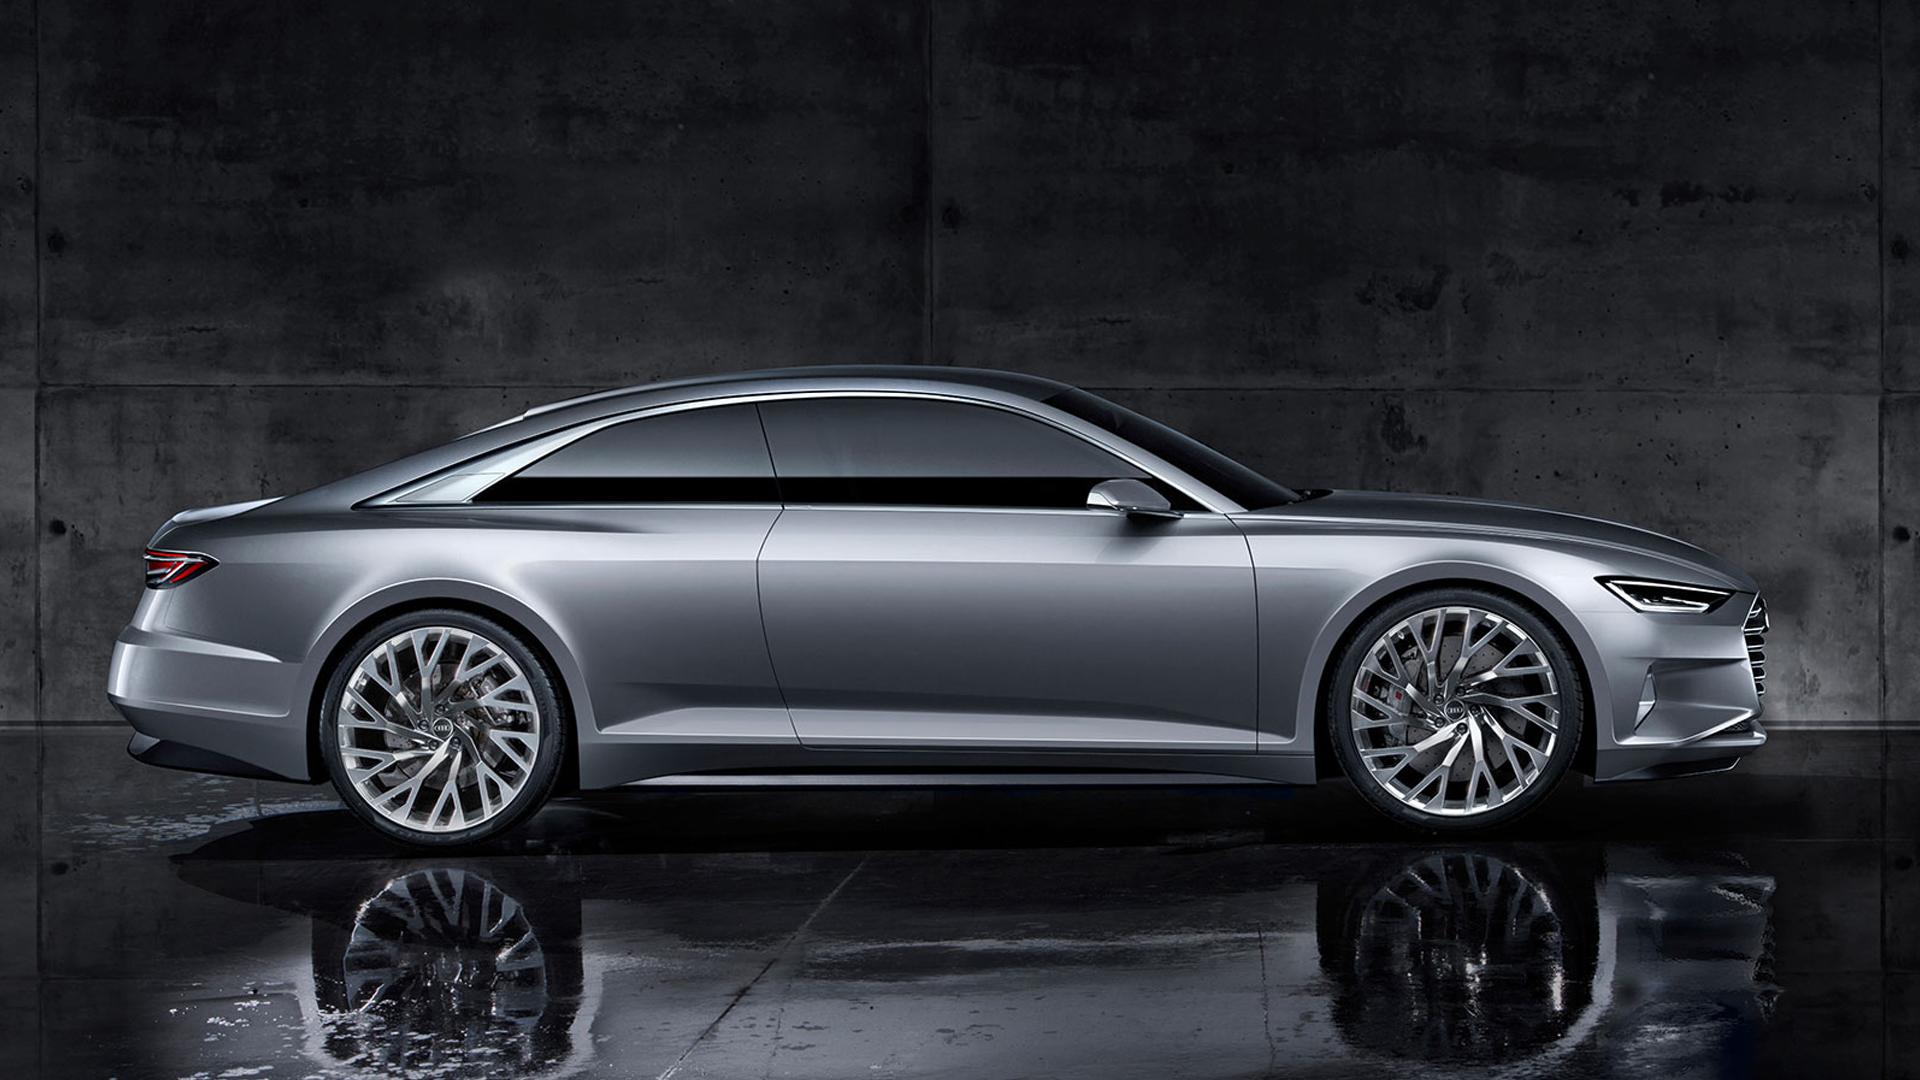 wp_audi_0002_Audi-Prologue-Concept-04